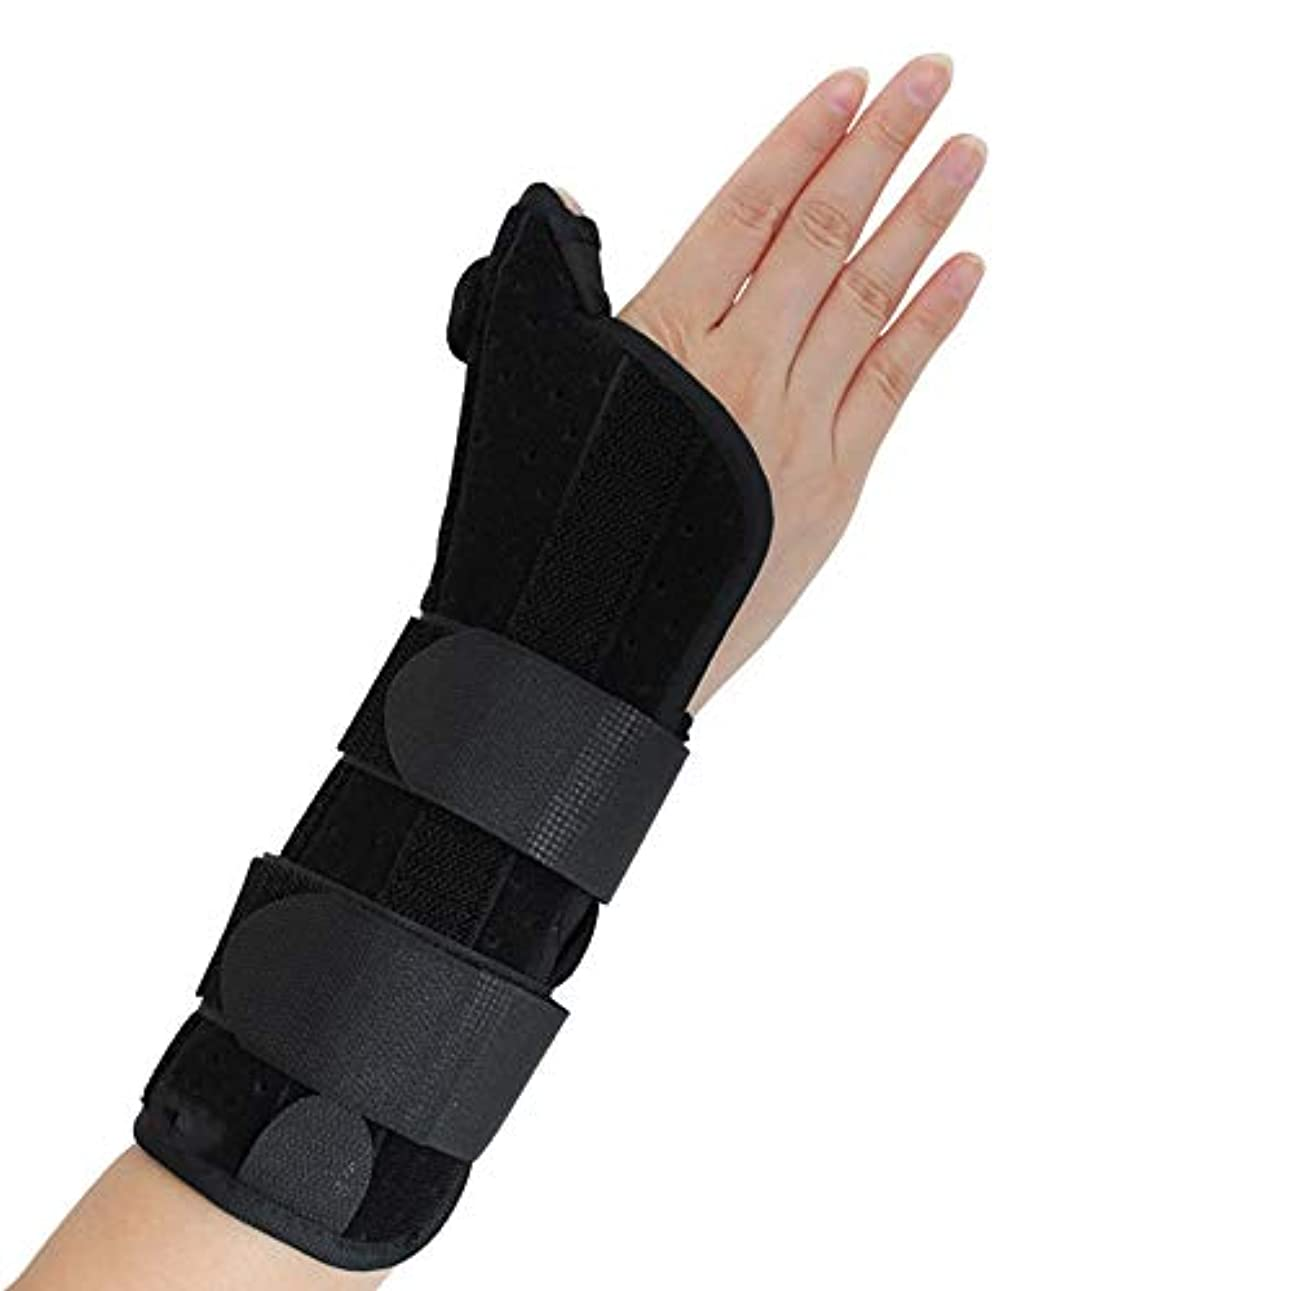 予防接種一生十一腱鞘炎、手根管痛、腱炎、関節炎、捻rain、骨折前腕サポートキャスト用の親指スピカスプリント付き手首装具,M